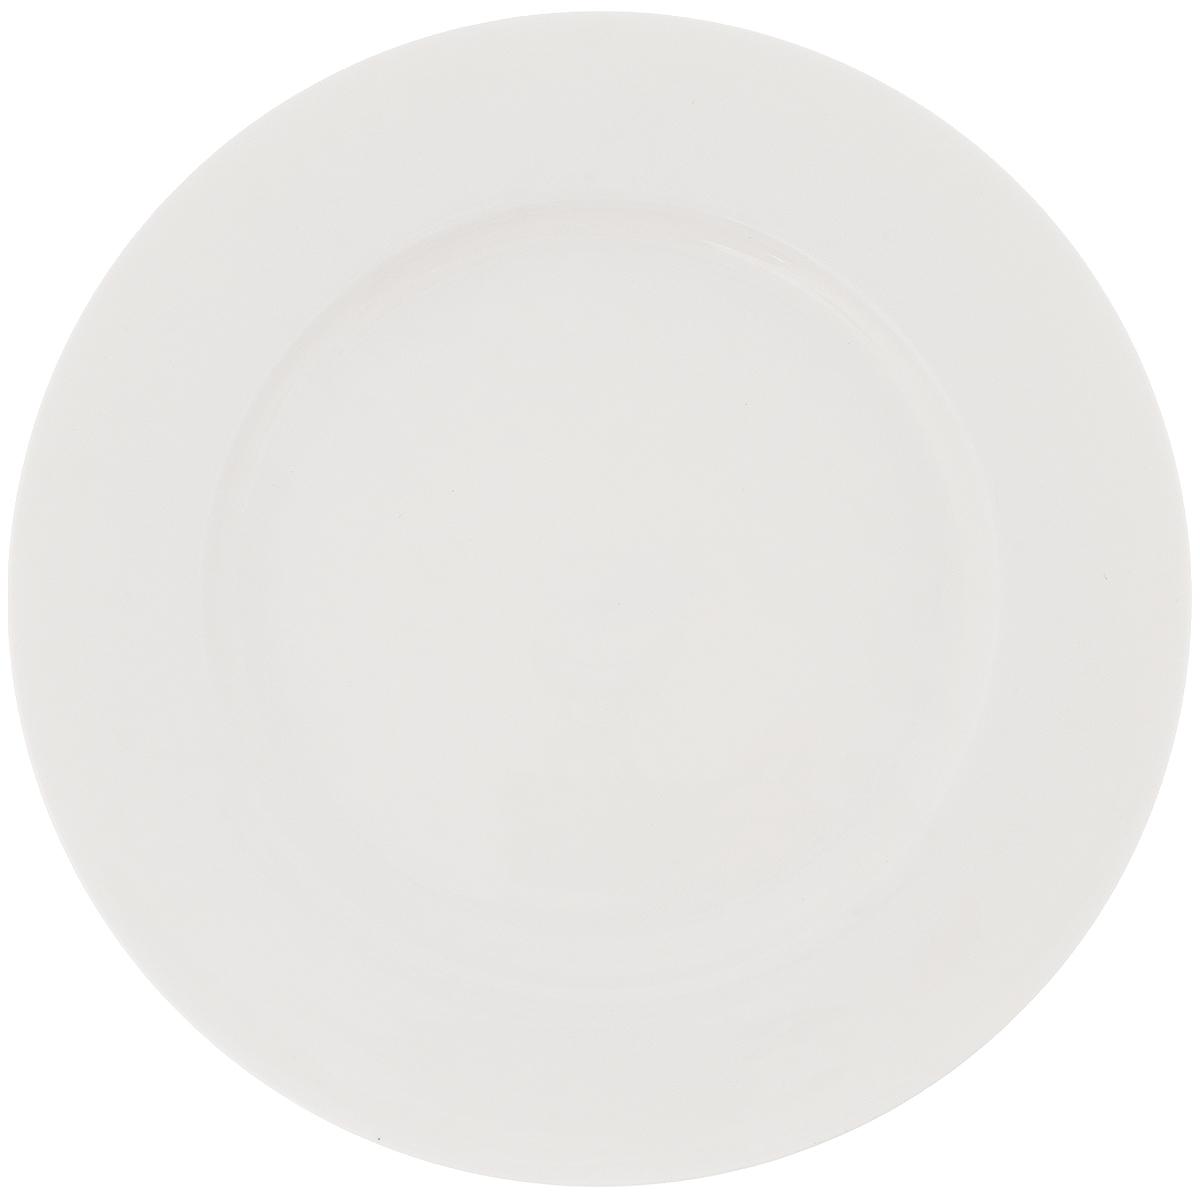 Тарелка Wilmax, диаметр 23 см. WL-991007 / AWL-991007 / AТарелка Wilmax, изготовленная из высококачественного фарфора, имеет классическую круглую форму. Оригинальный дизайн придется по вкусу и ценителям классики, и тем, кто предпочитает утонченность и изысканность. Тарелка Wilmax идеально подойдет для сервировки стола и станет отличным подарком к любому празднику.